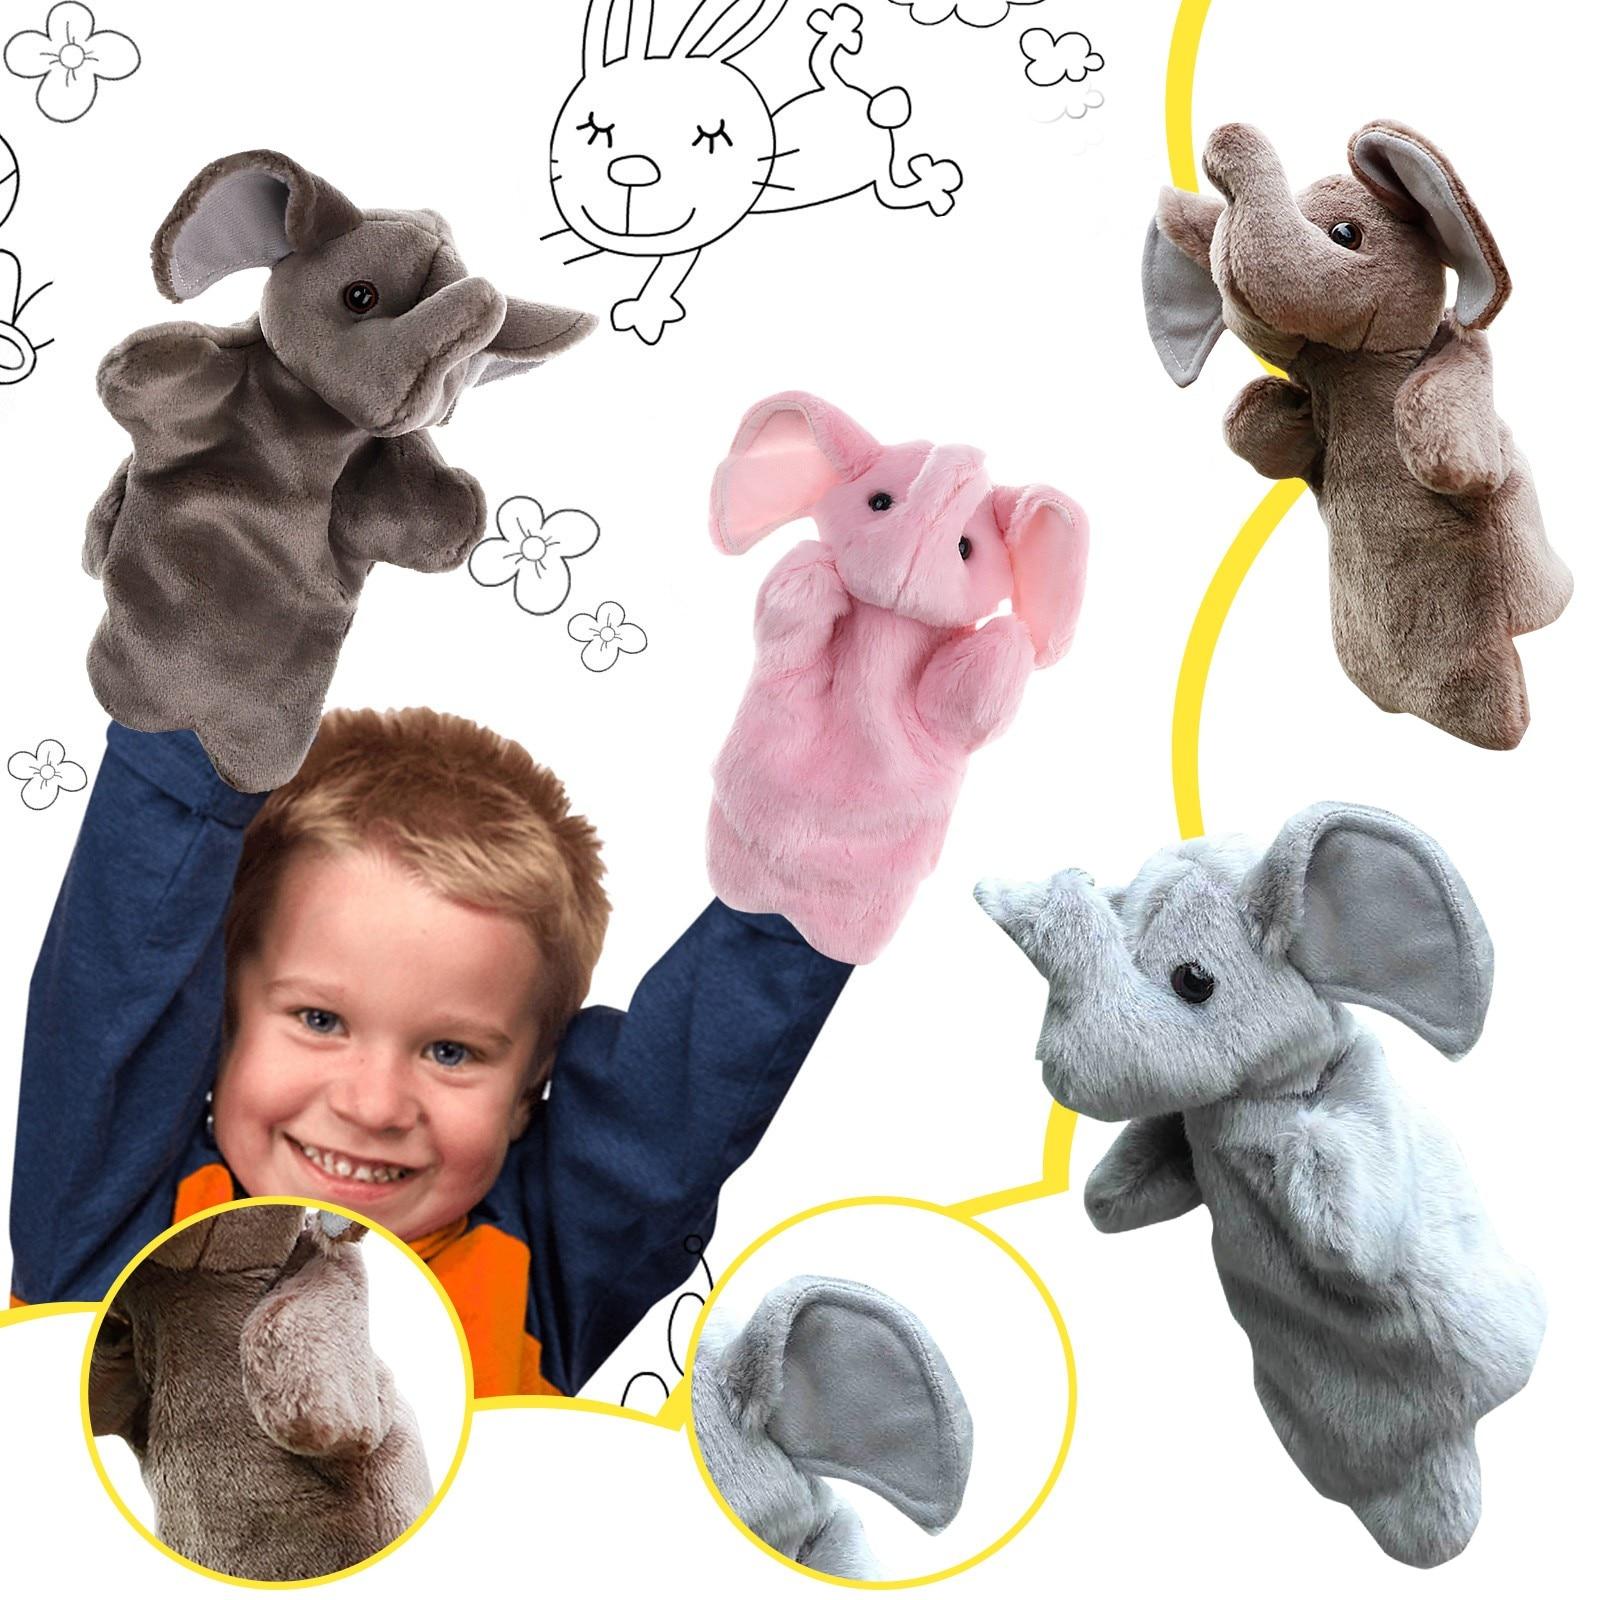 Handpuppen Elefanten Finger Spielzeug Nette Cartoon Tier Puppe Deckel Handschuh Handpuppe Plüsch Elefant Finger Spielzeug Muppe Kinder Geschenk